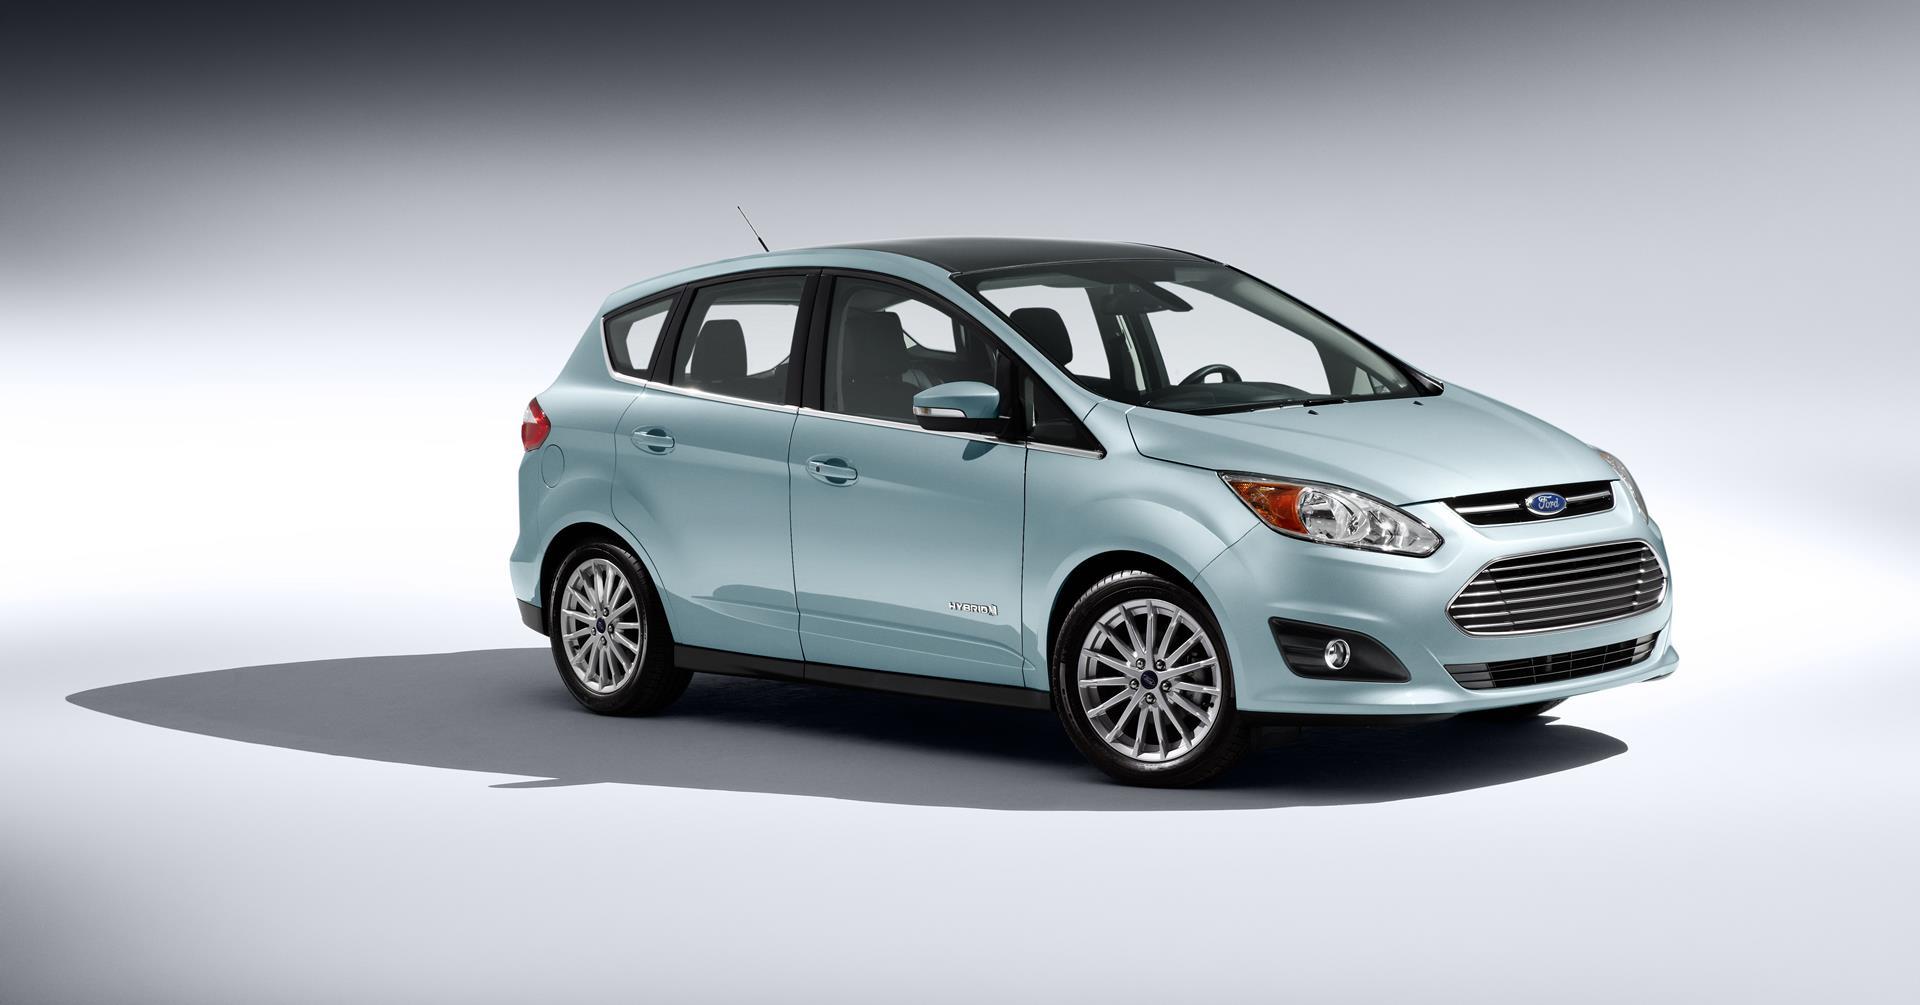 2015 Ford C-Max - conceptcarz.com